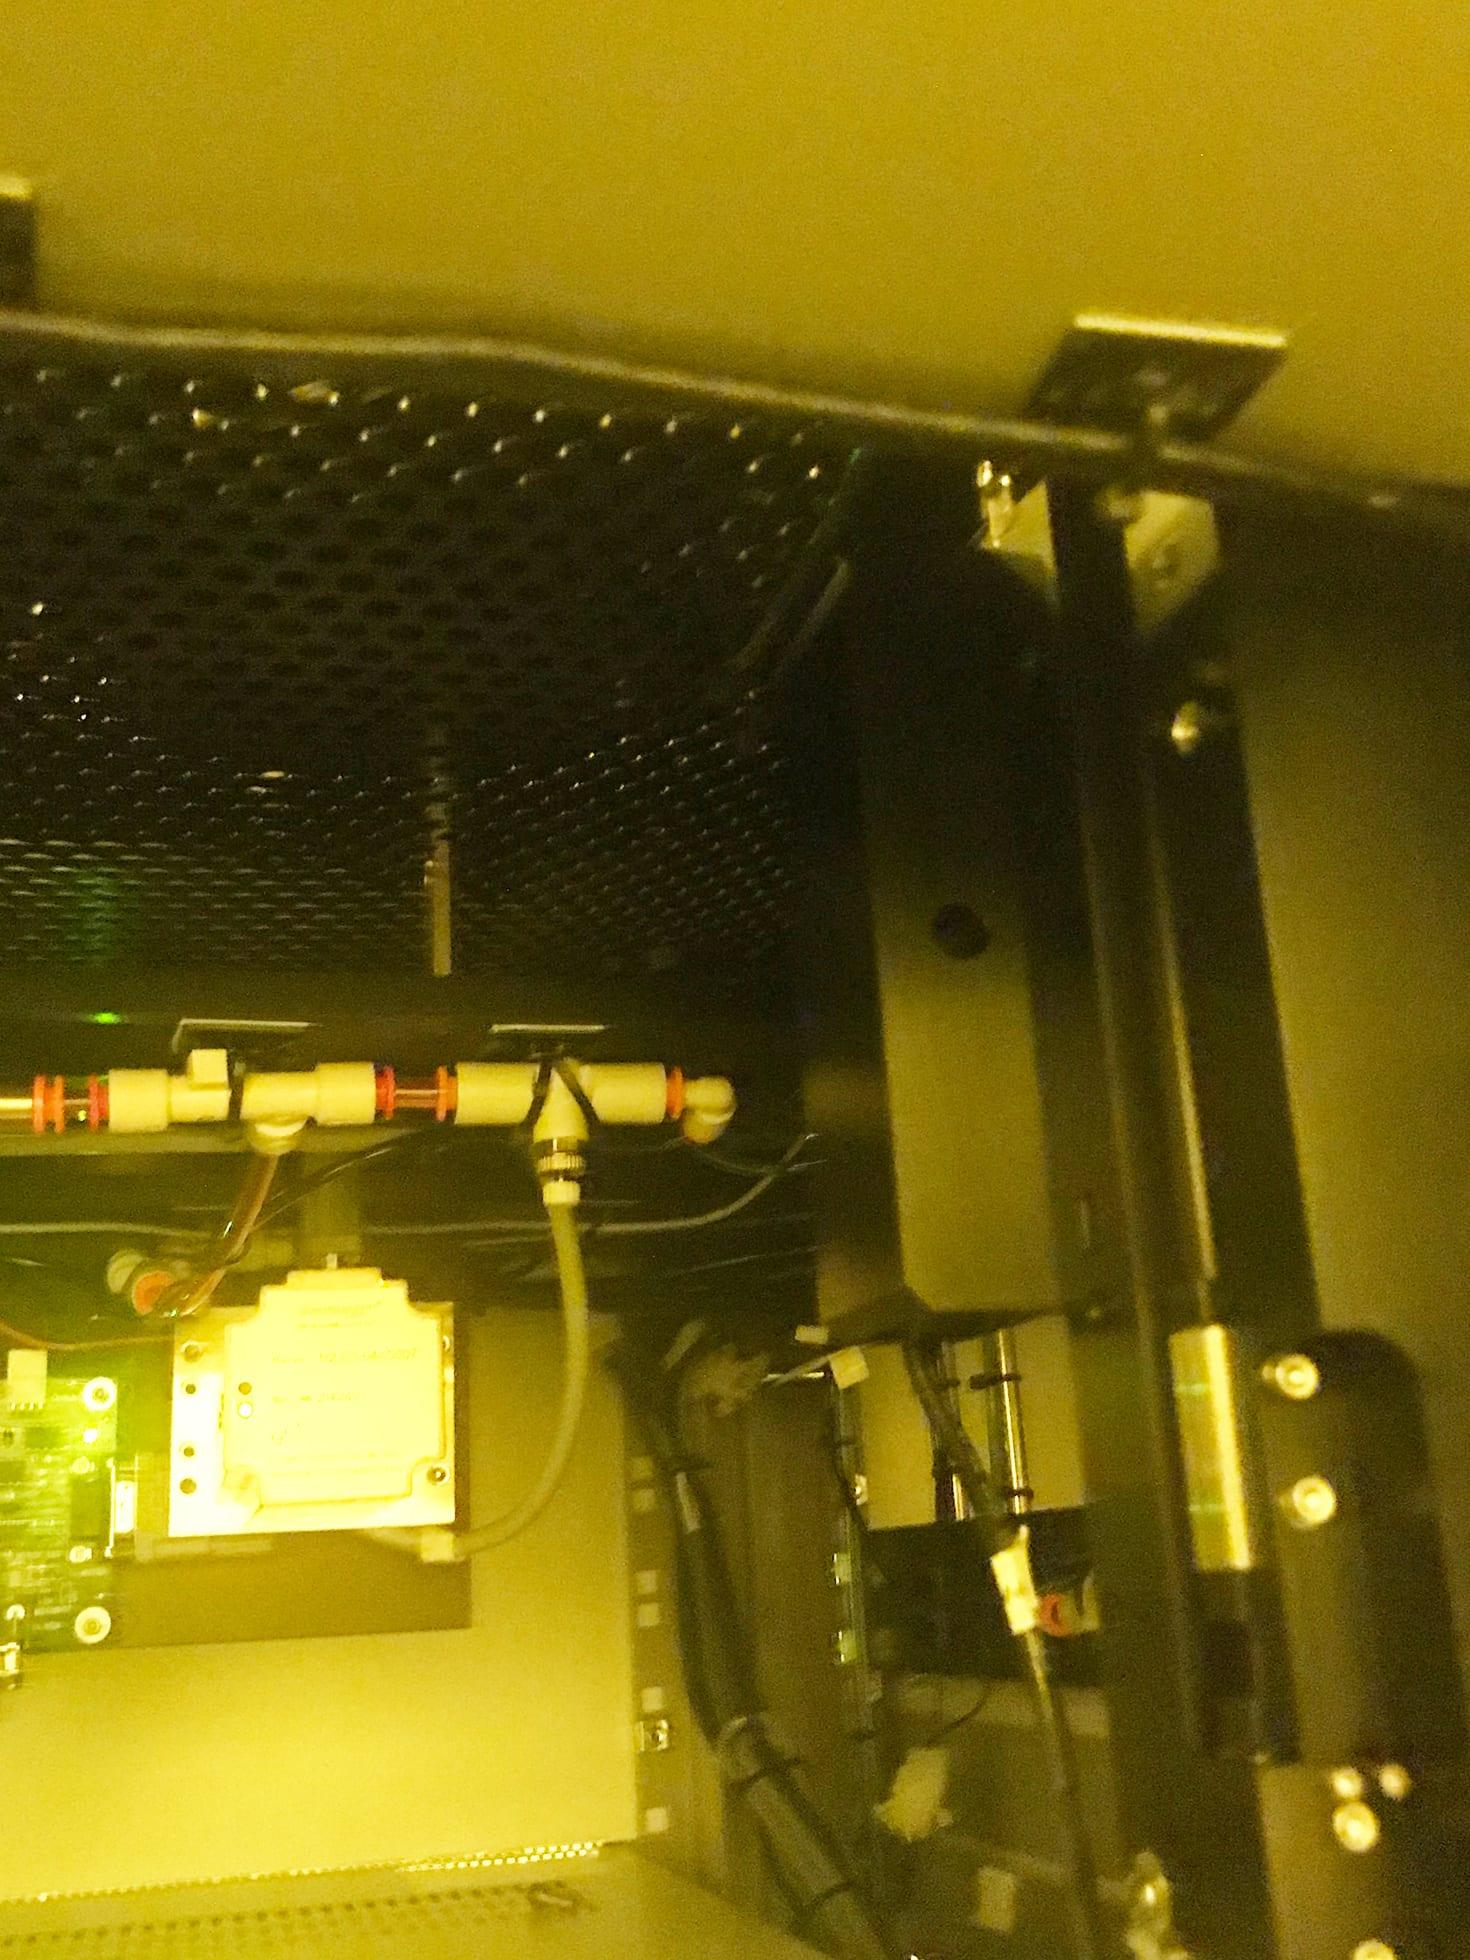 KLA Tencor Candela CS-20-Surface Analyzer Image 20